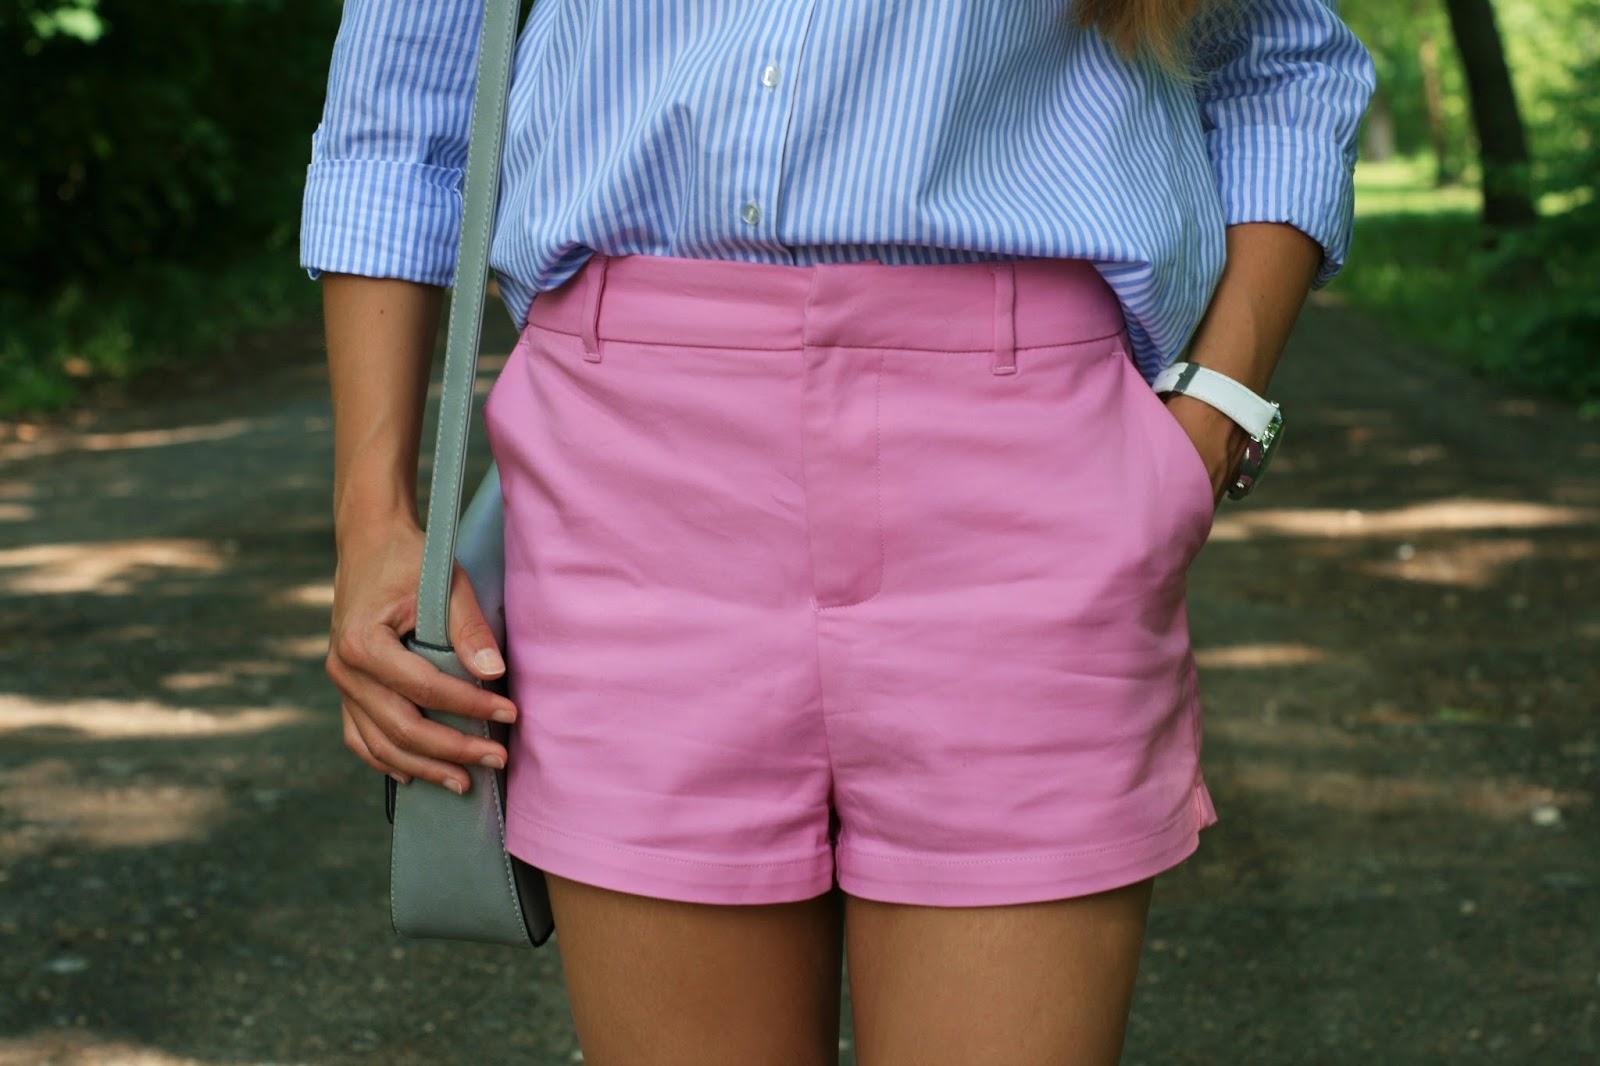 Candy shorts & striped shirt   Szorty w cukierkowym kolorze i koszula w paski